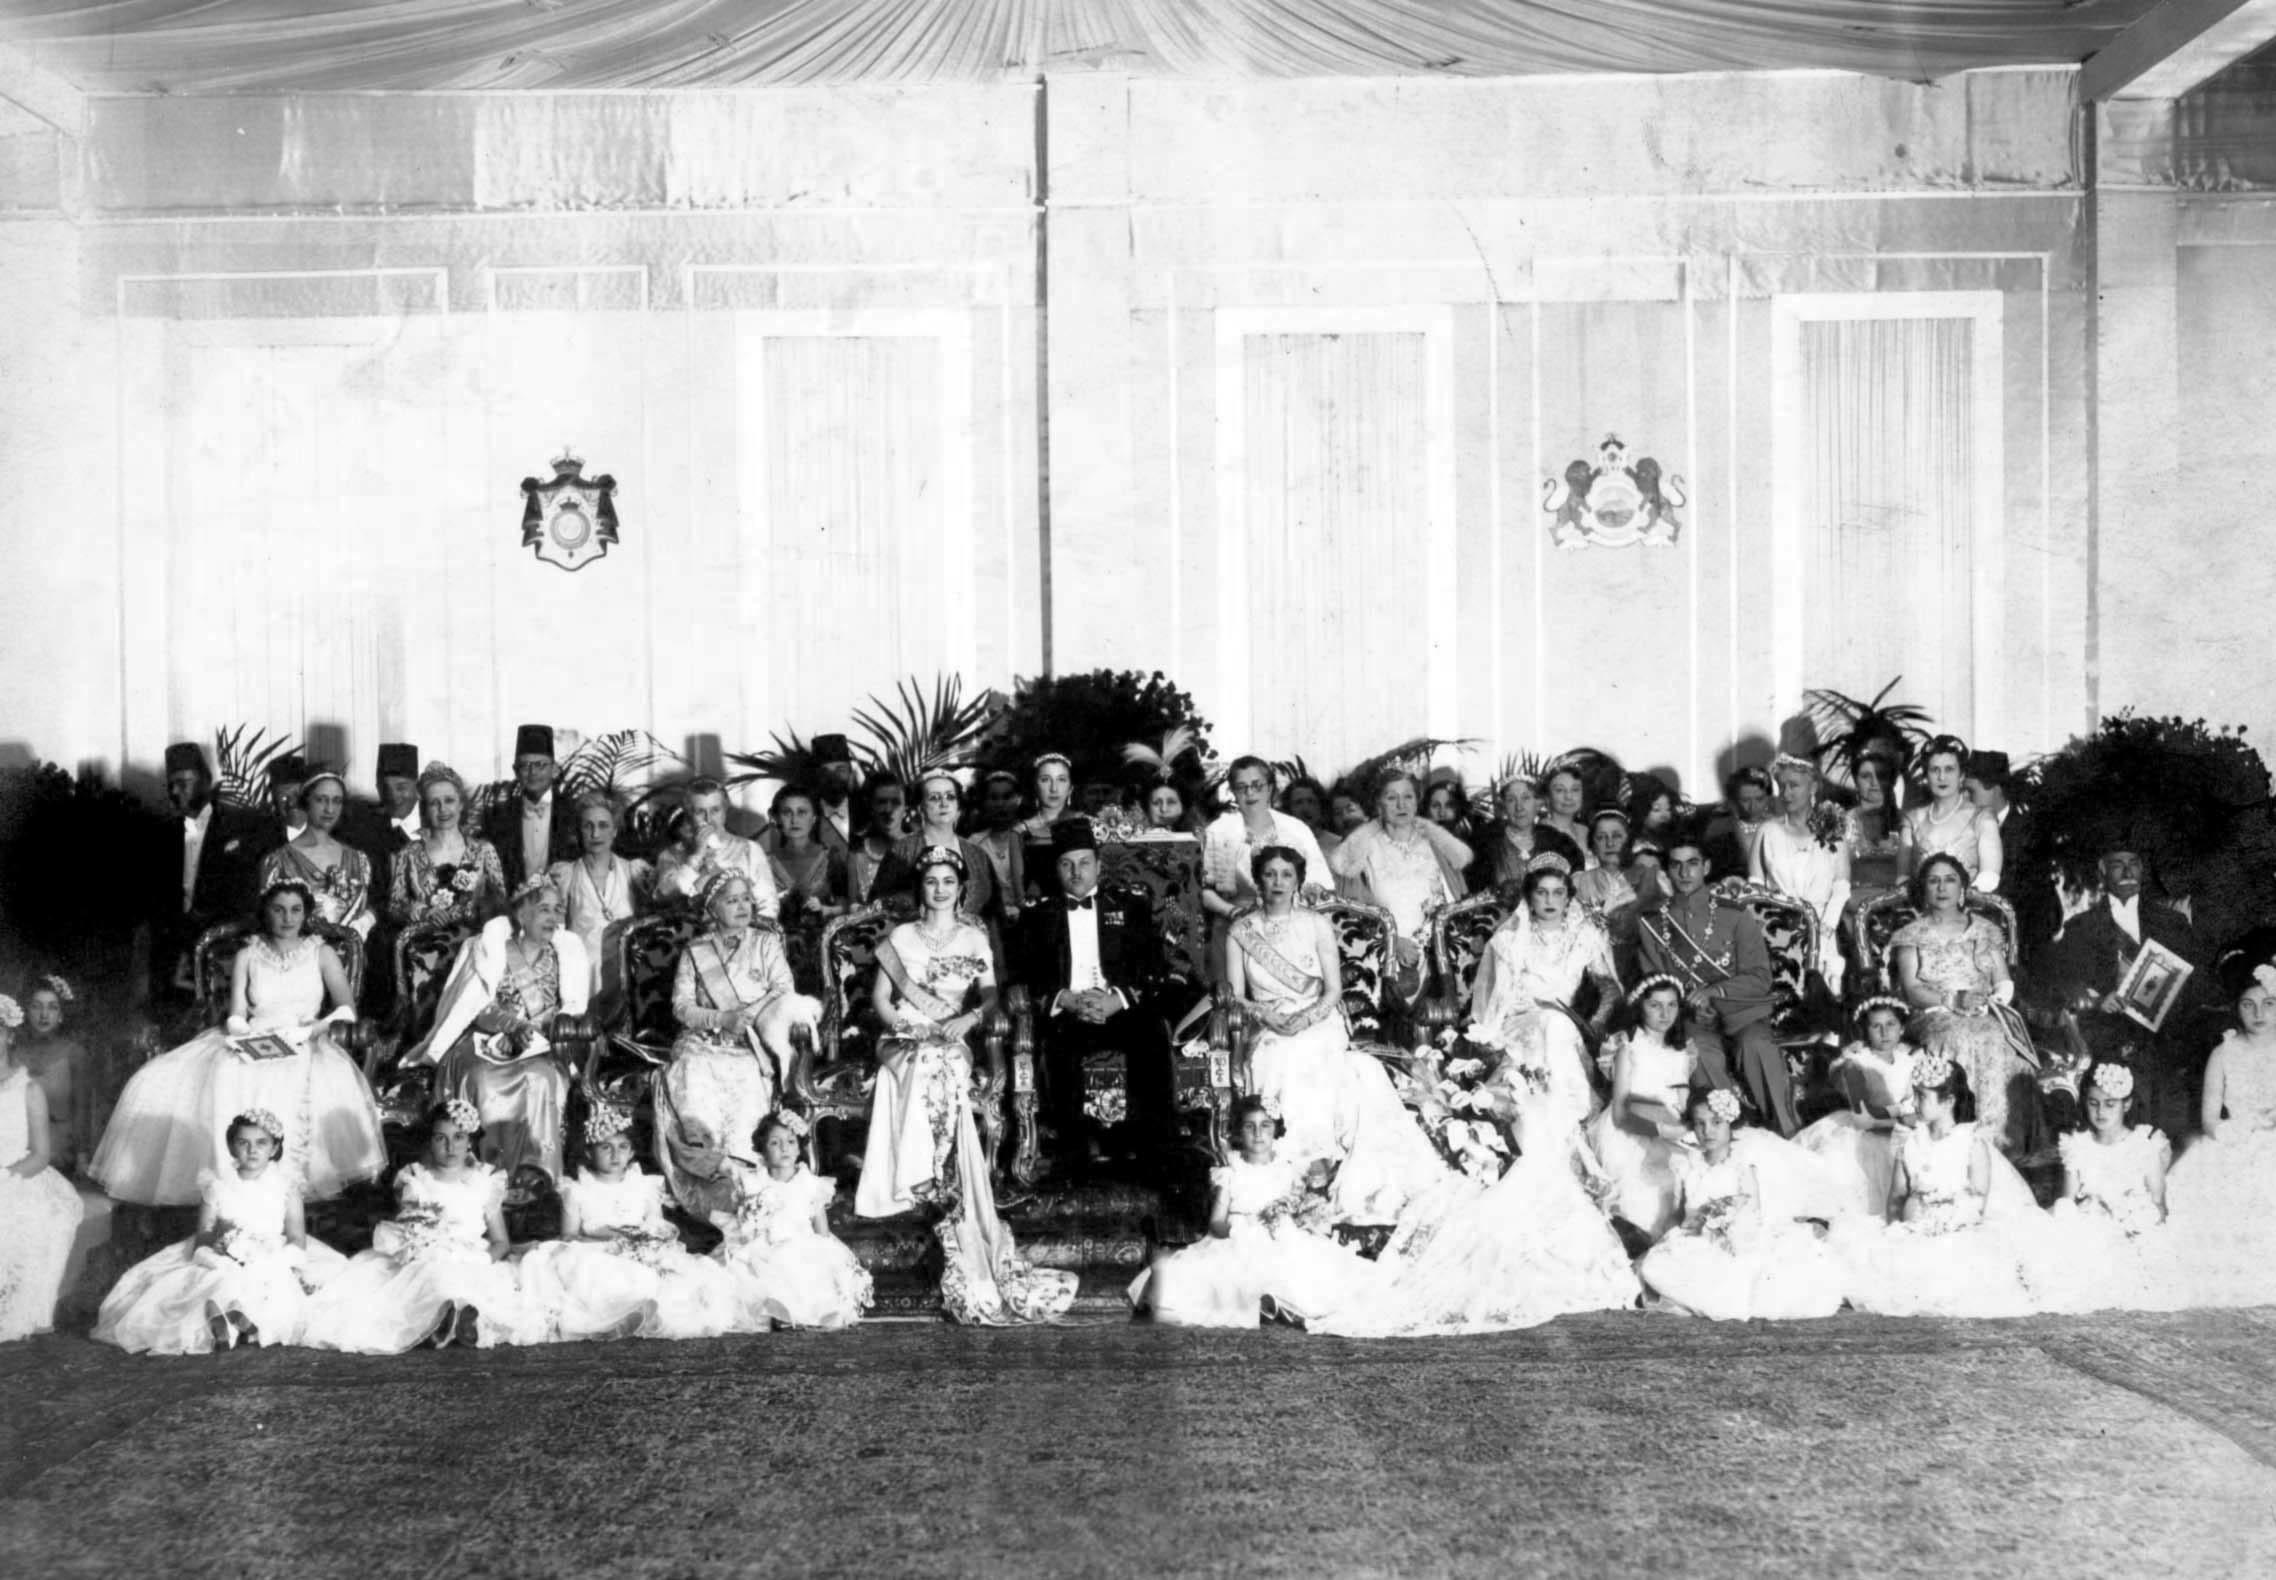 Die feine Hochzeitsgesellschaft: Fausia (Zweite Reihe, vierte von links) an der Seite von Kronprinz Mohammad.  ©Public Domain